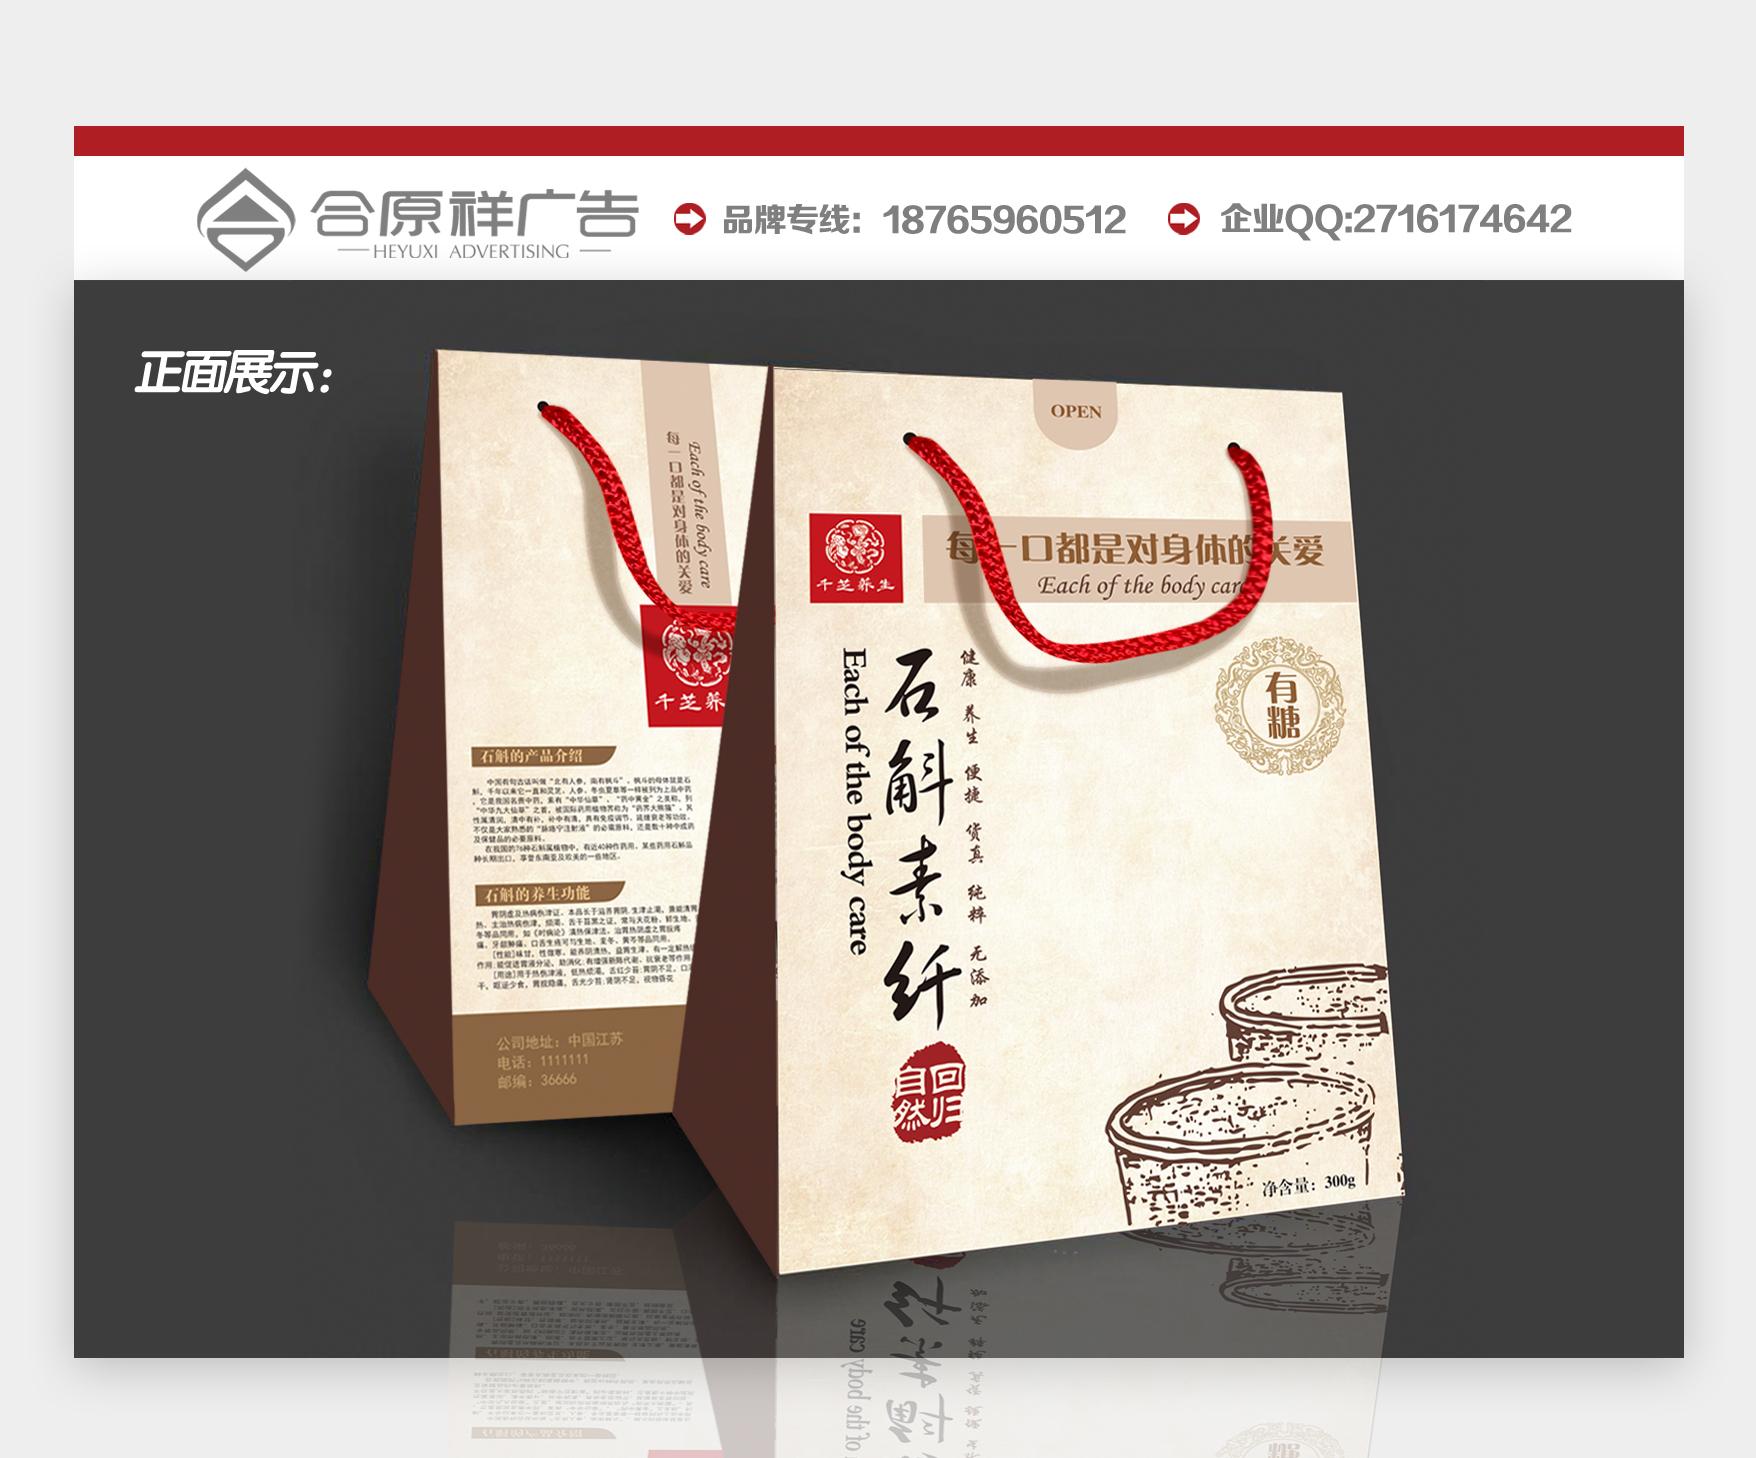 养生食品外包装设计